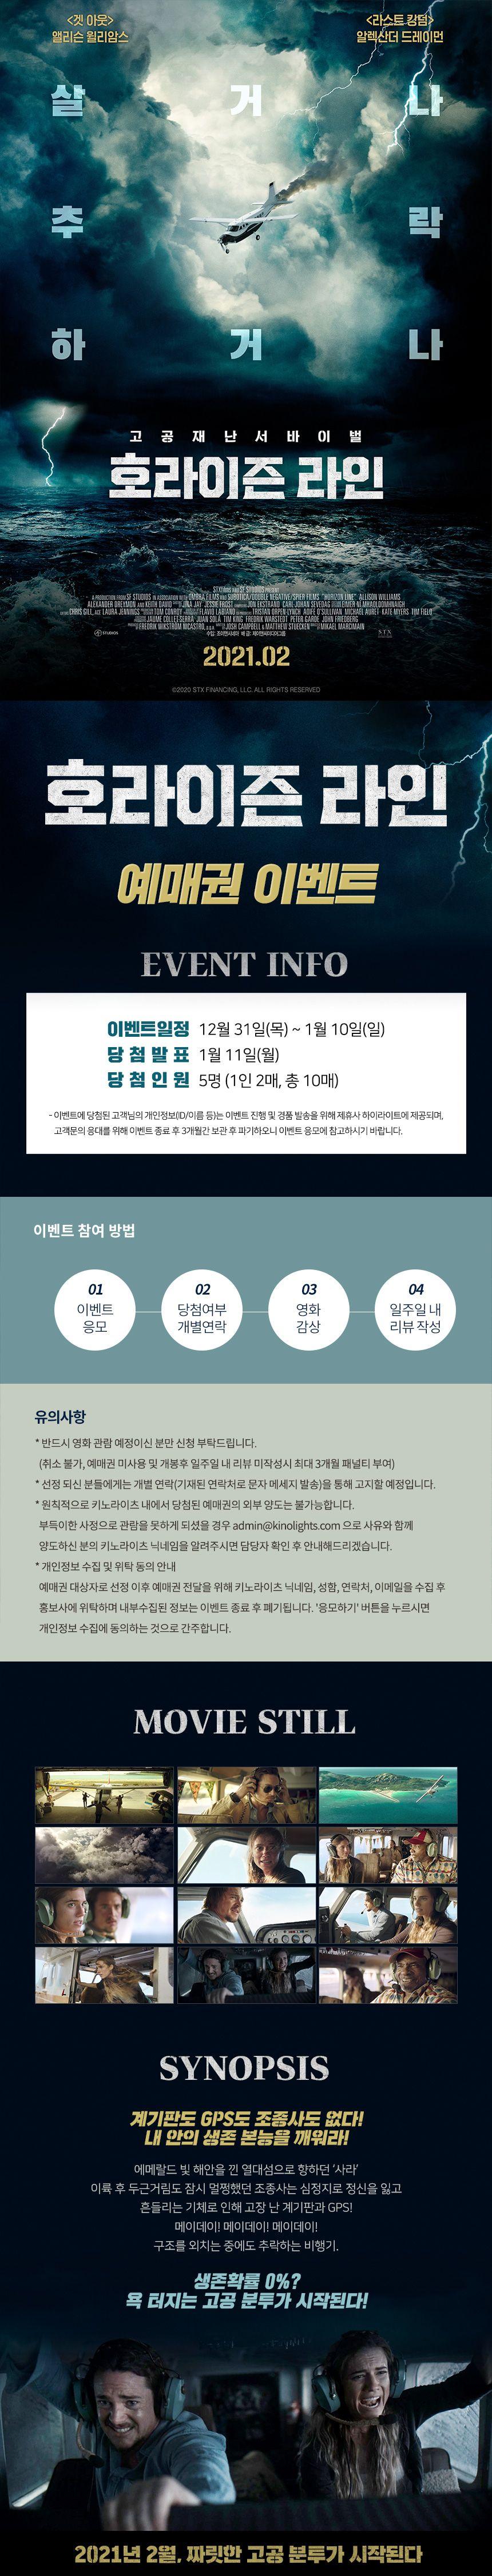 <호라이즌 라인> 예매권 안내